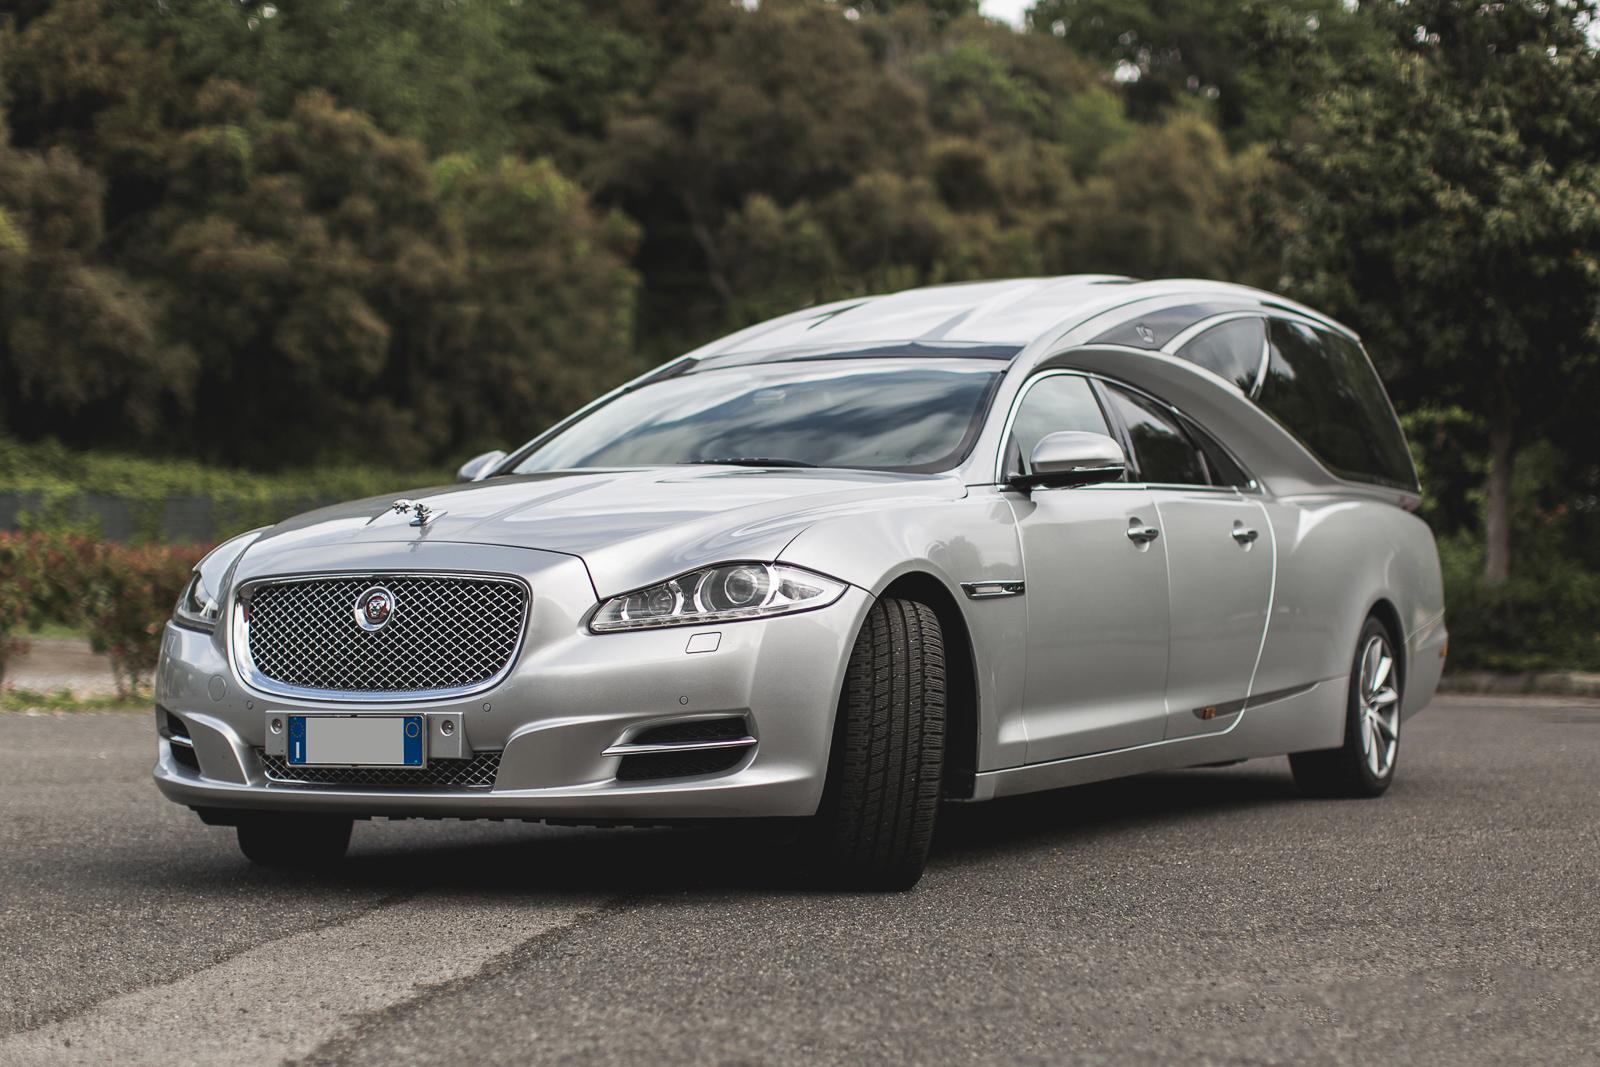 Jaguar The Queen